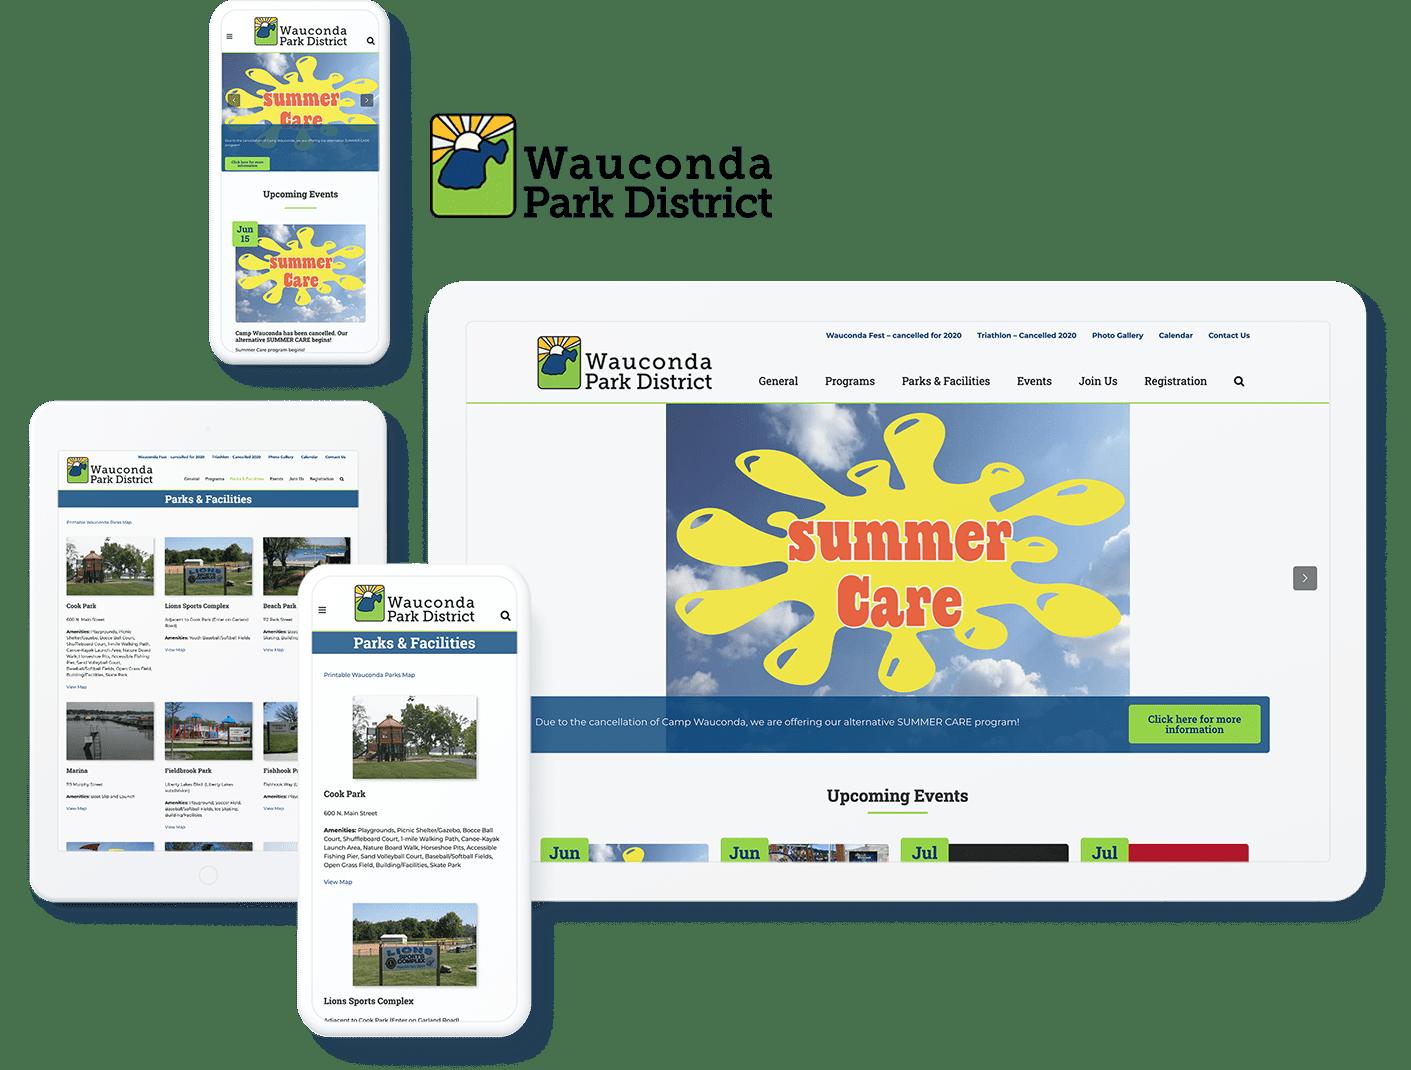 wauconda park district